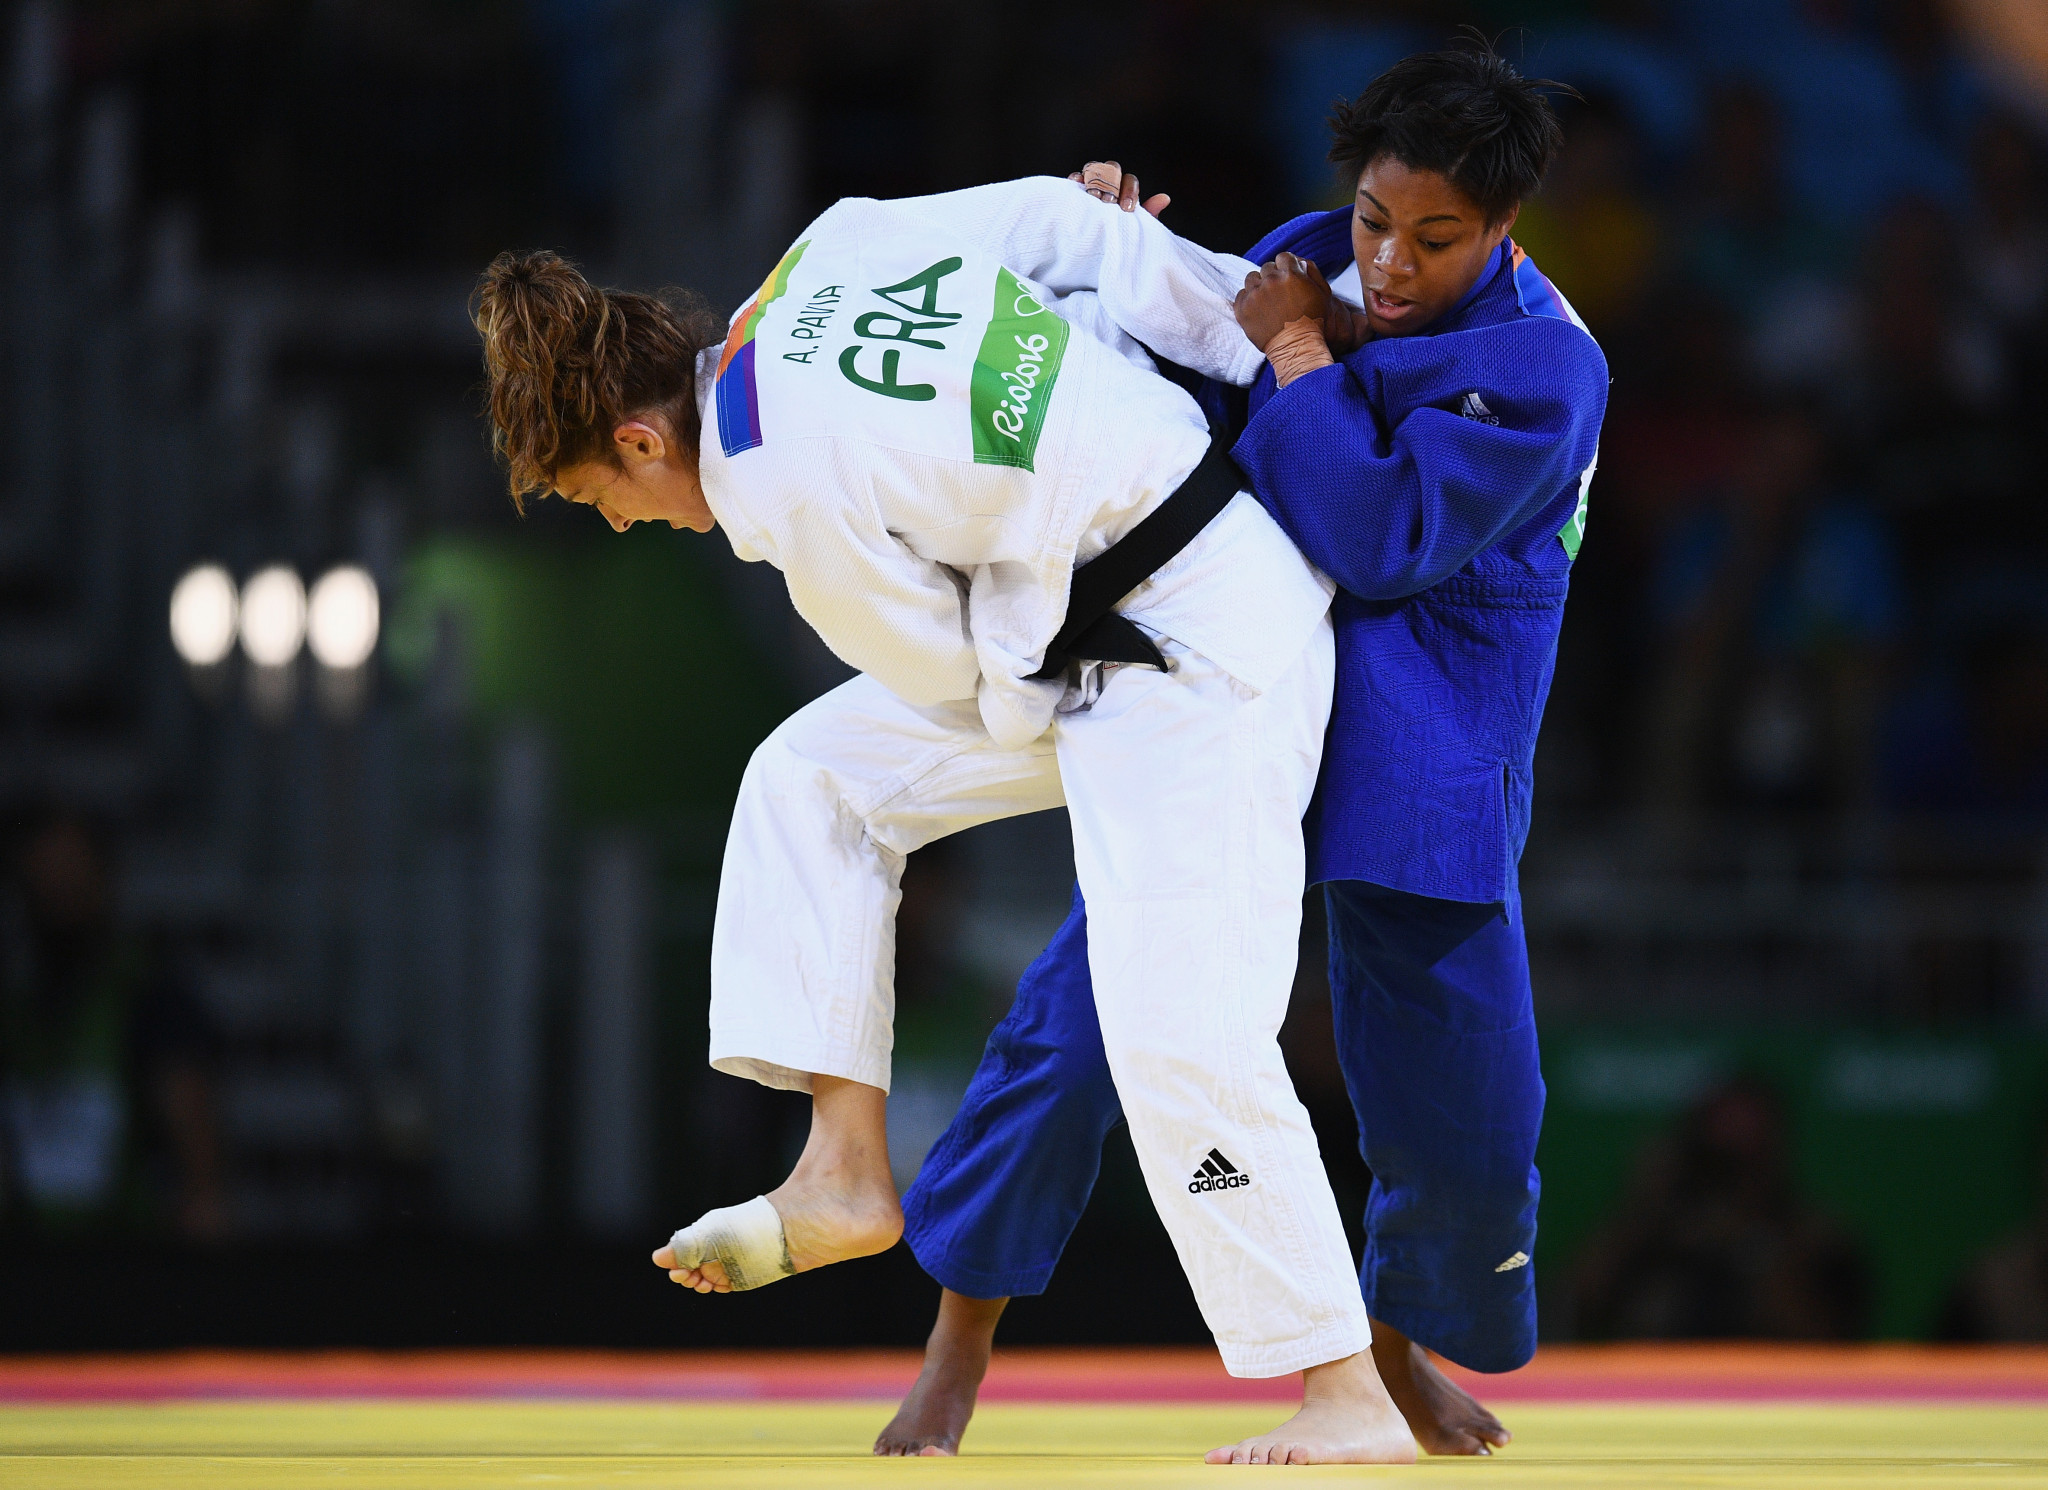 Judo season to continue with IJF Grand Prix in Cancun